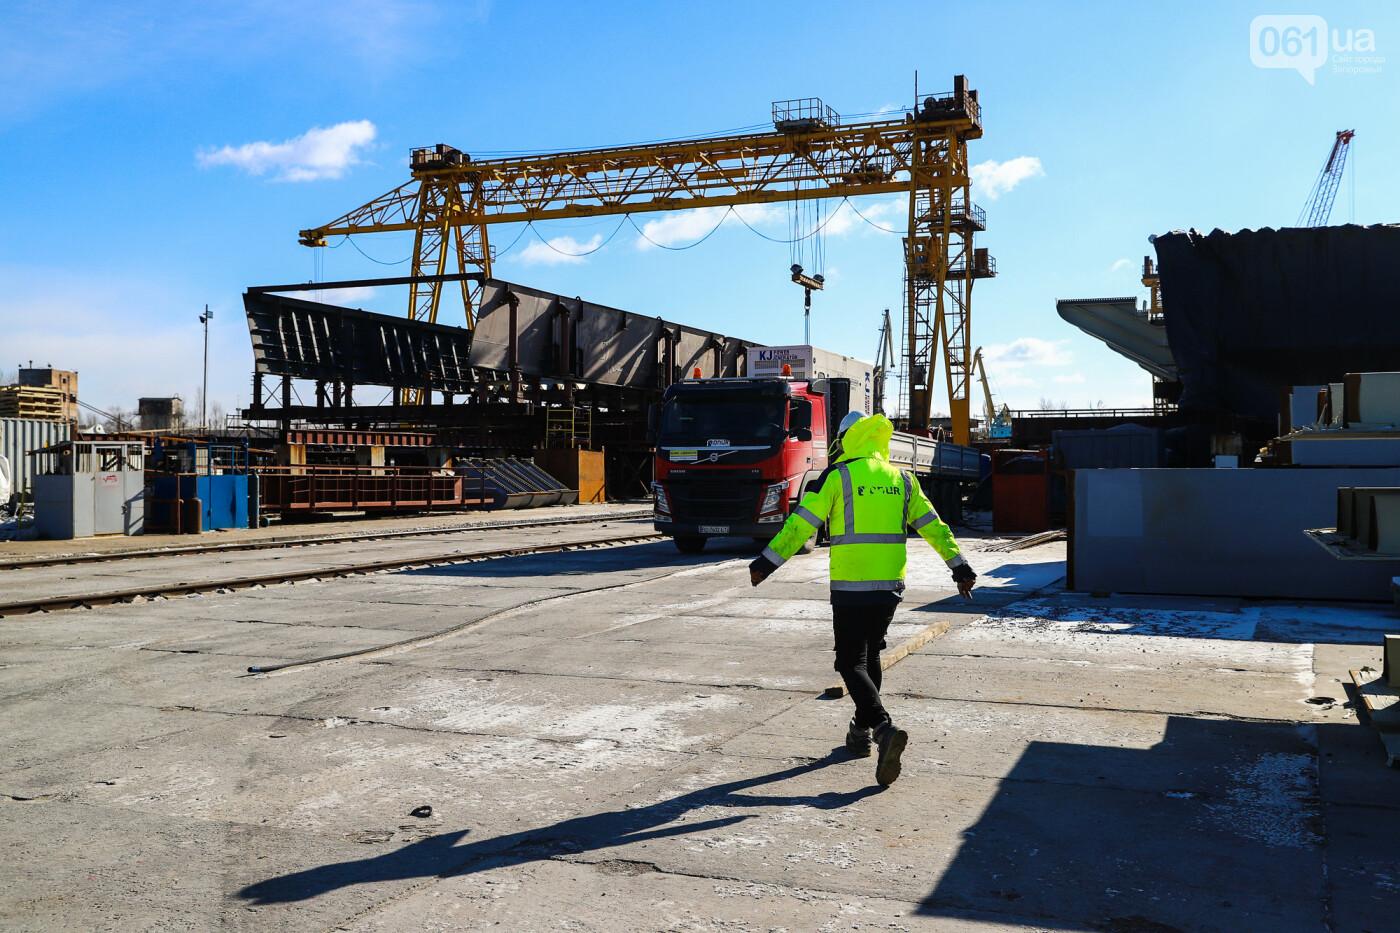 Кран с иностранной пропиской, ванты и металл: строительство запорожских мостов в фотографиях, фото-7